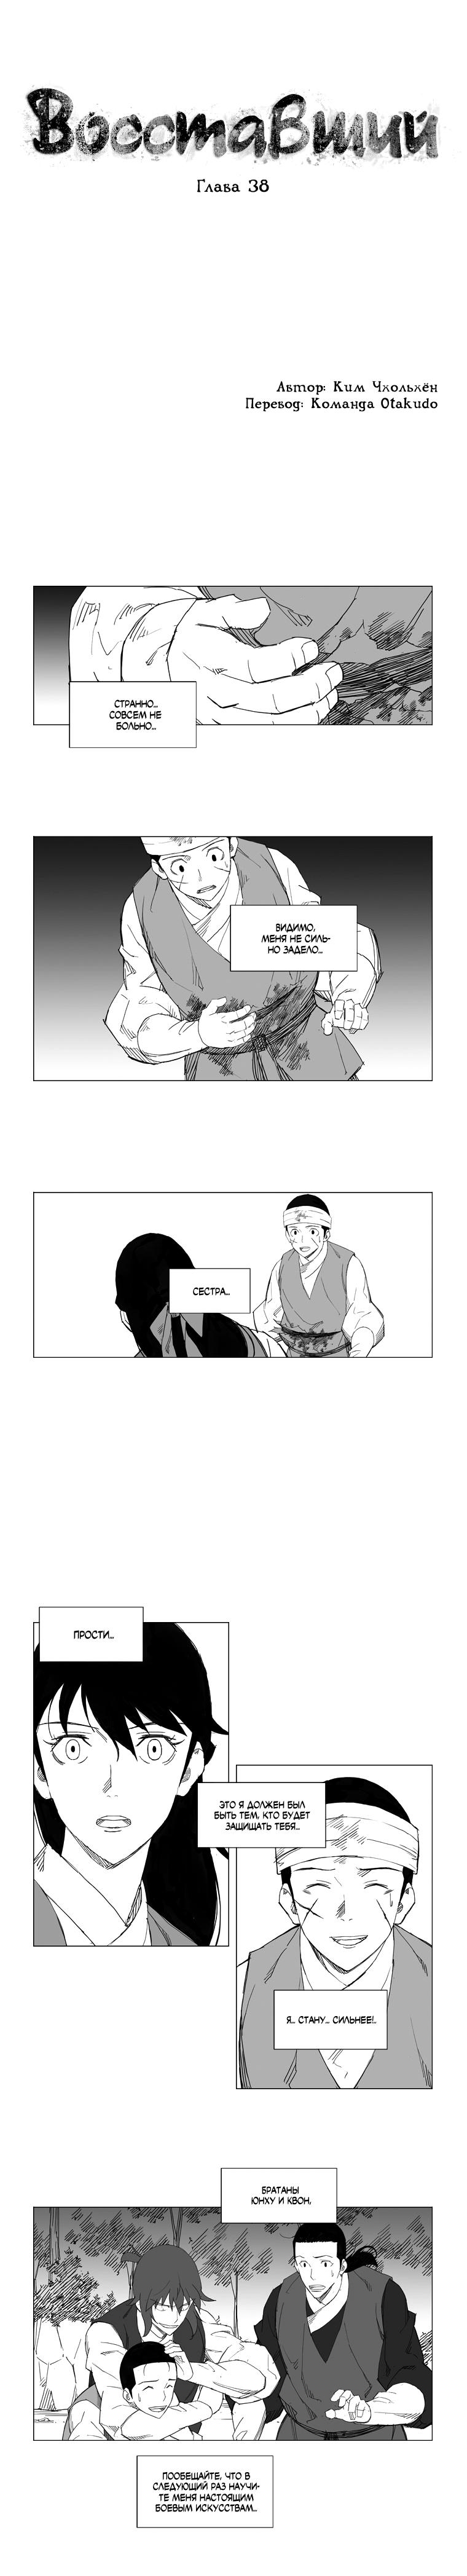 https://r1.ninemanga.com/comics/pic2/39/28263/317097/148519840773.png Page 1